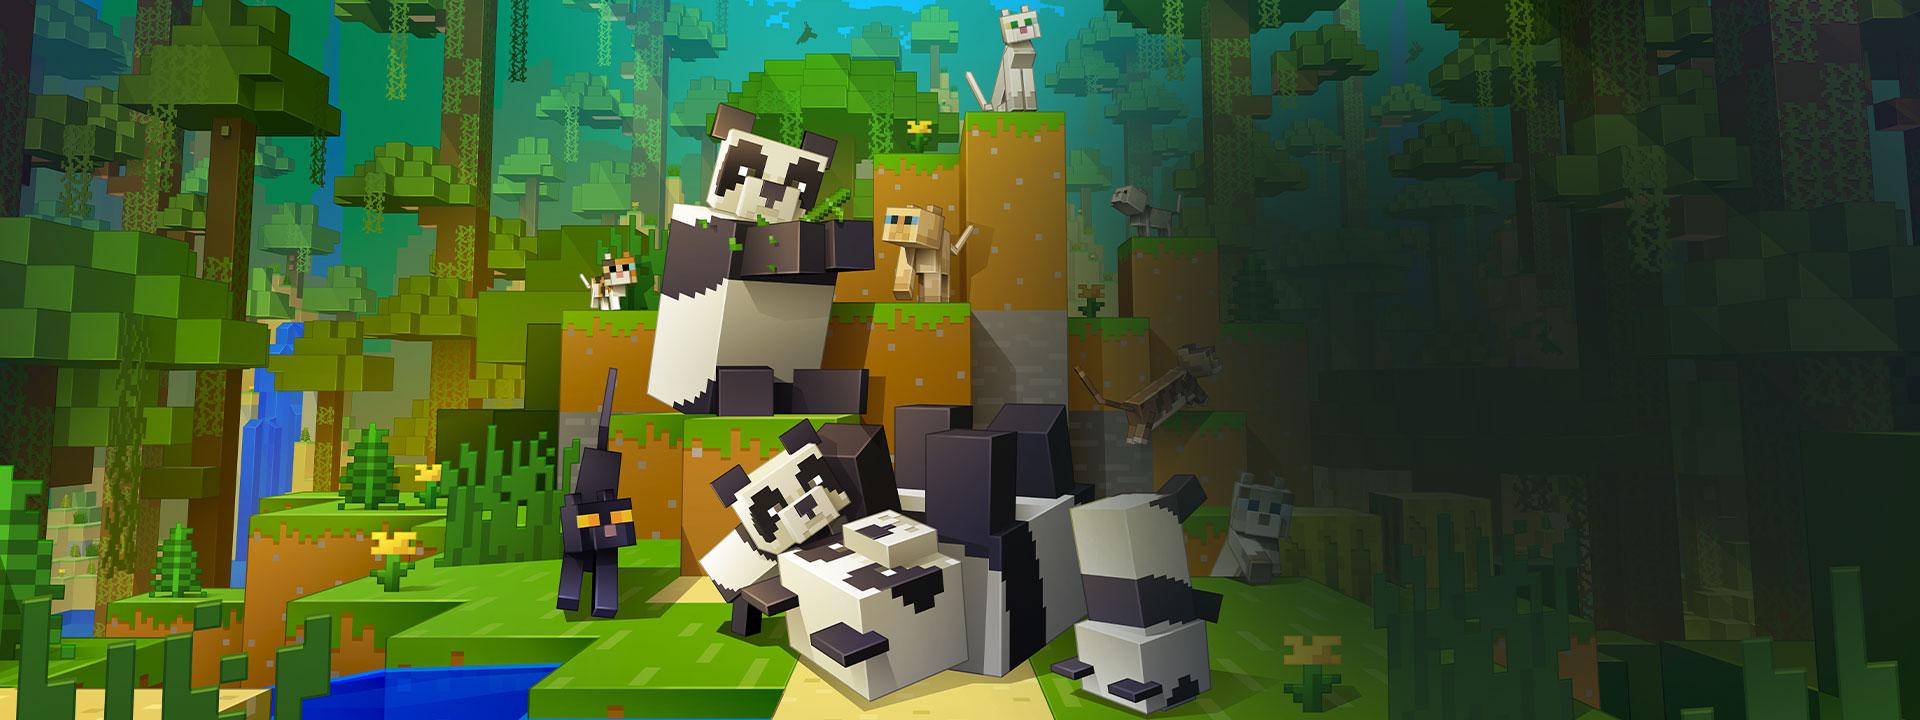 Imagen de gatos y pandas de Minecraft jugando